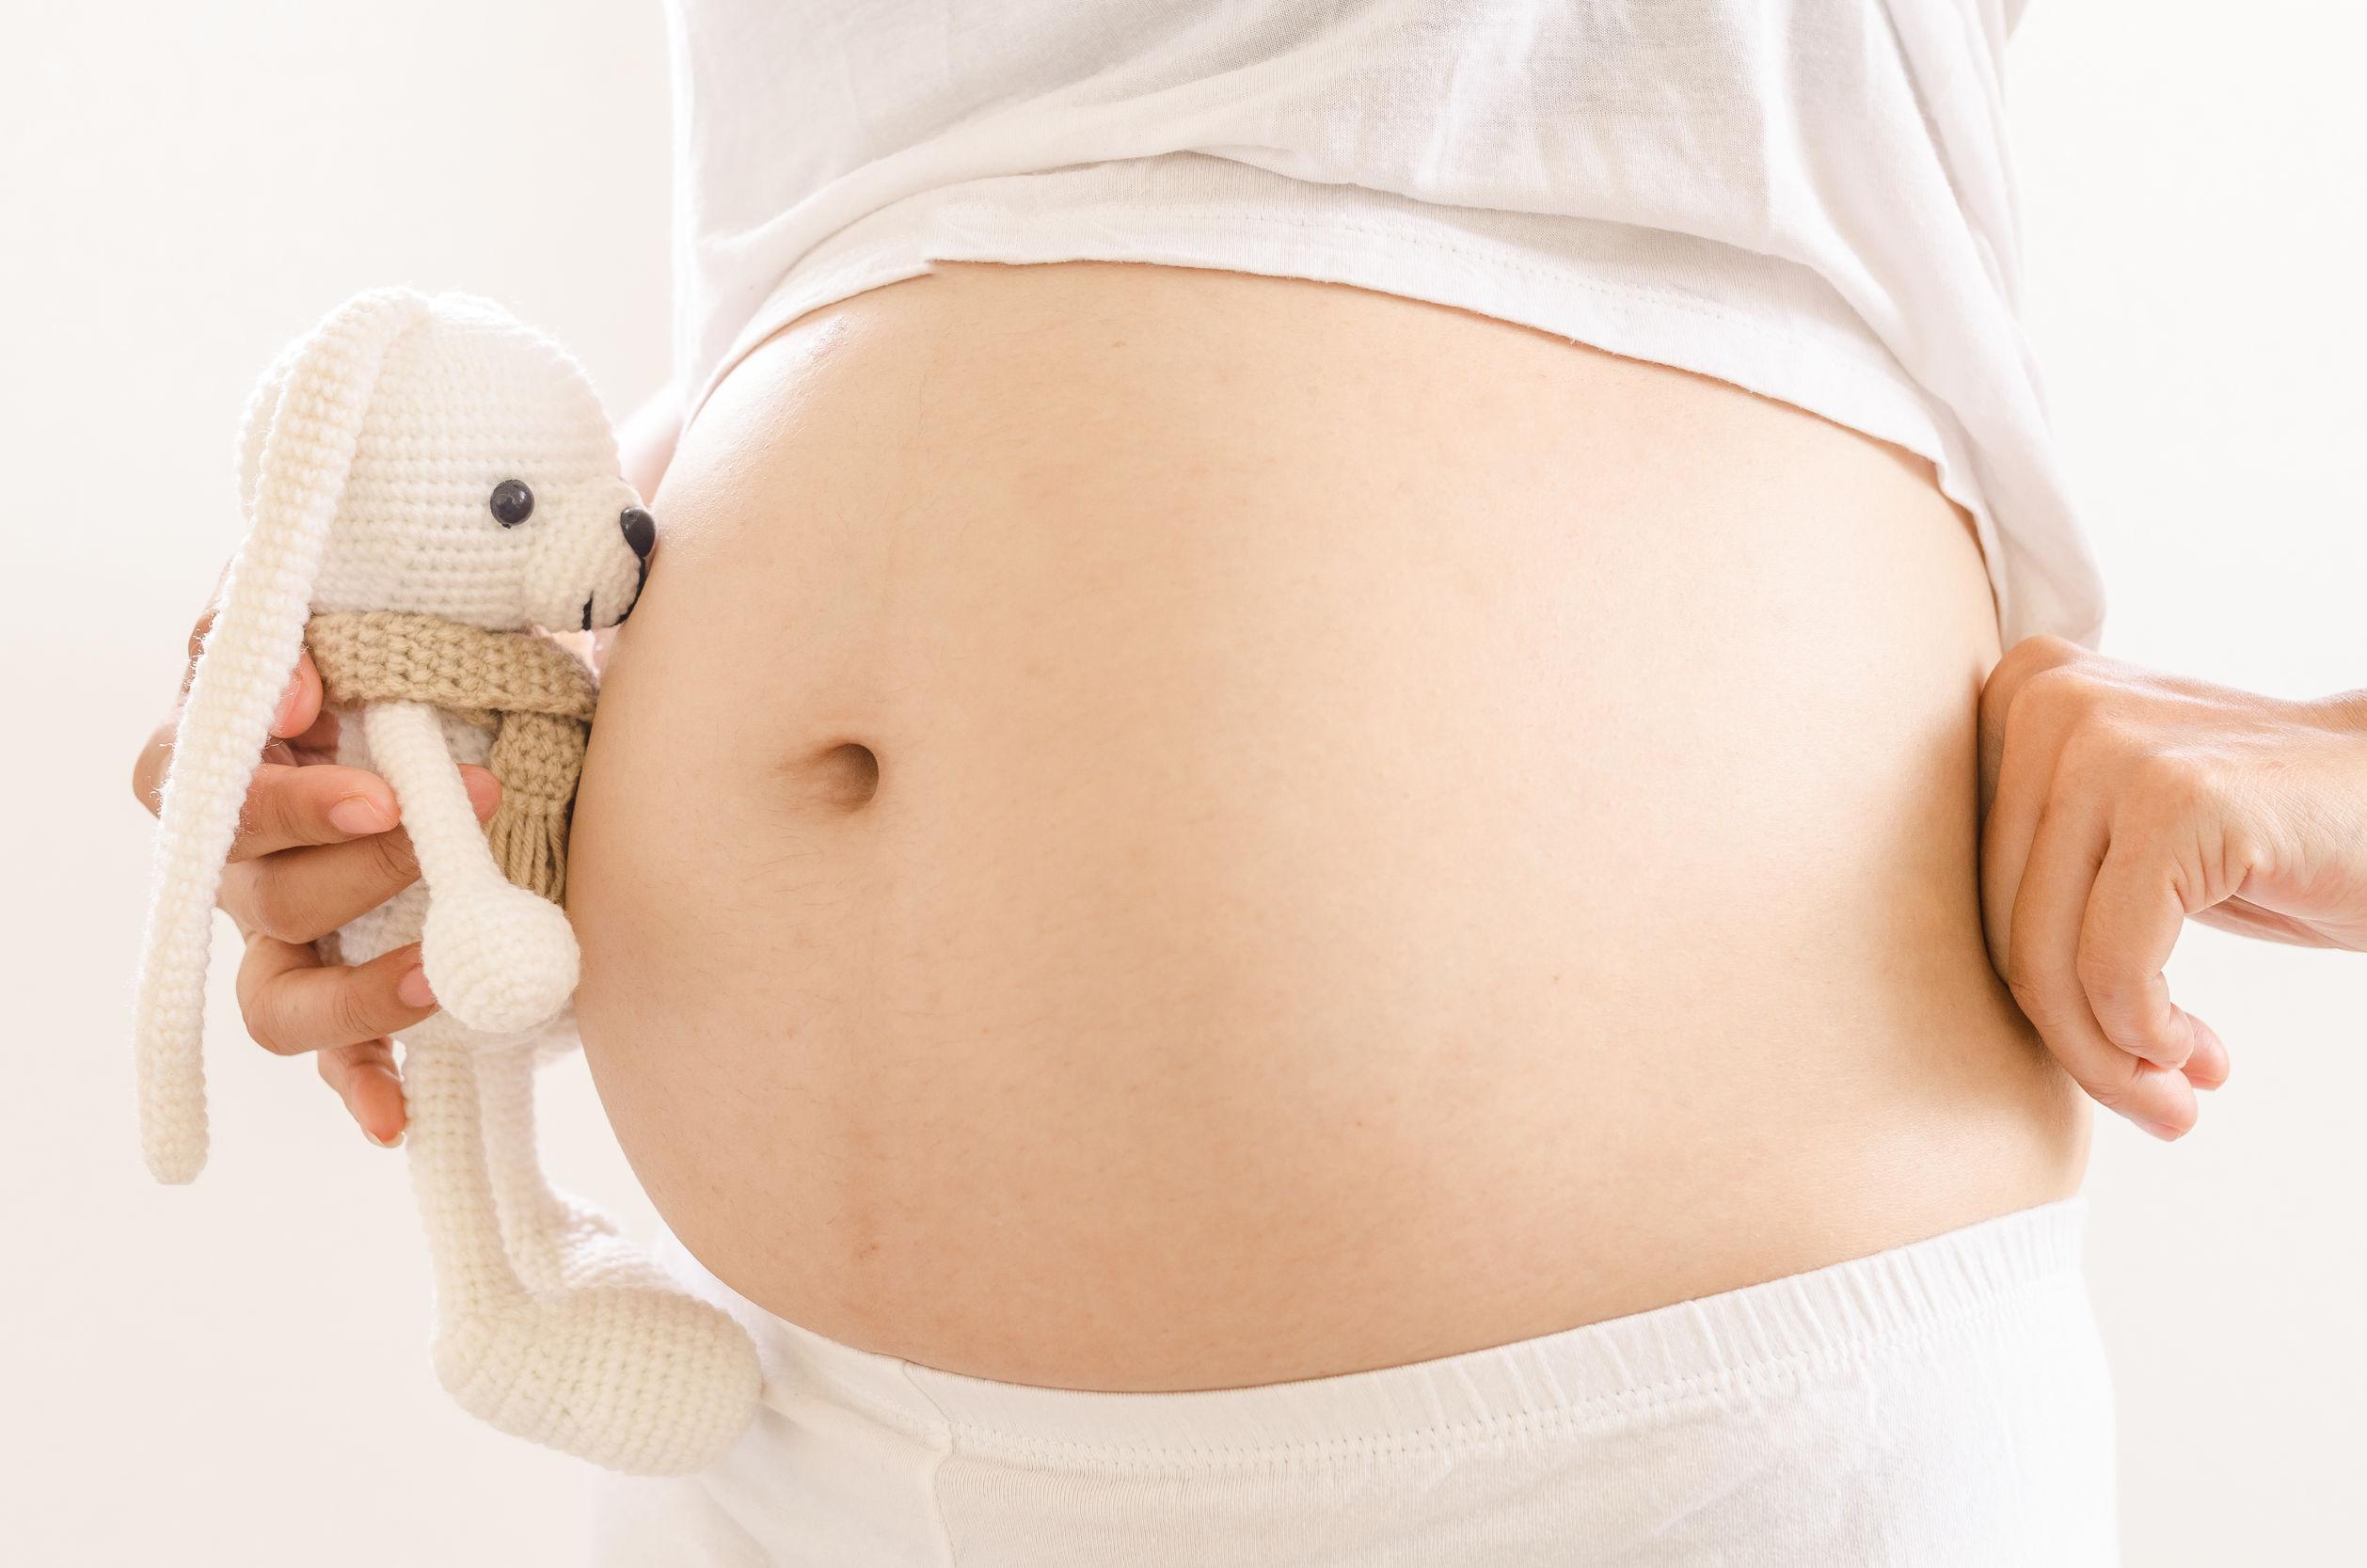 治療子宮內膜異位症,幫助媽咪遇上「好孕」